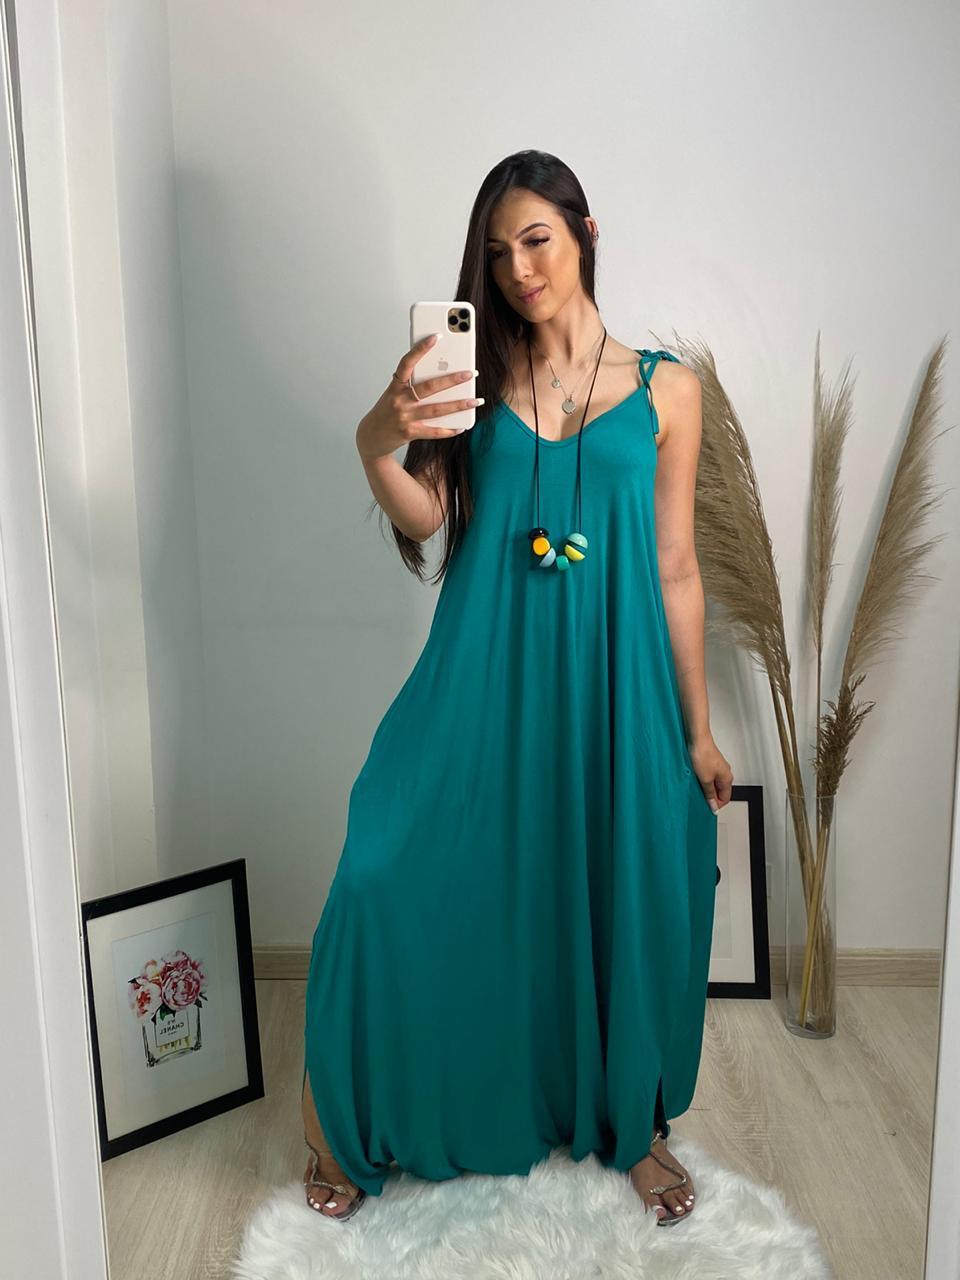 Macacão Jade boho style verde alcinhas ajustáveis